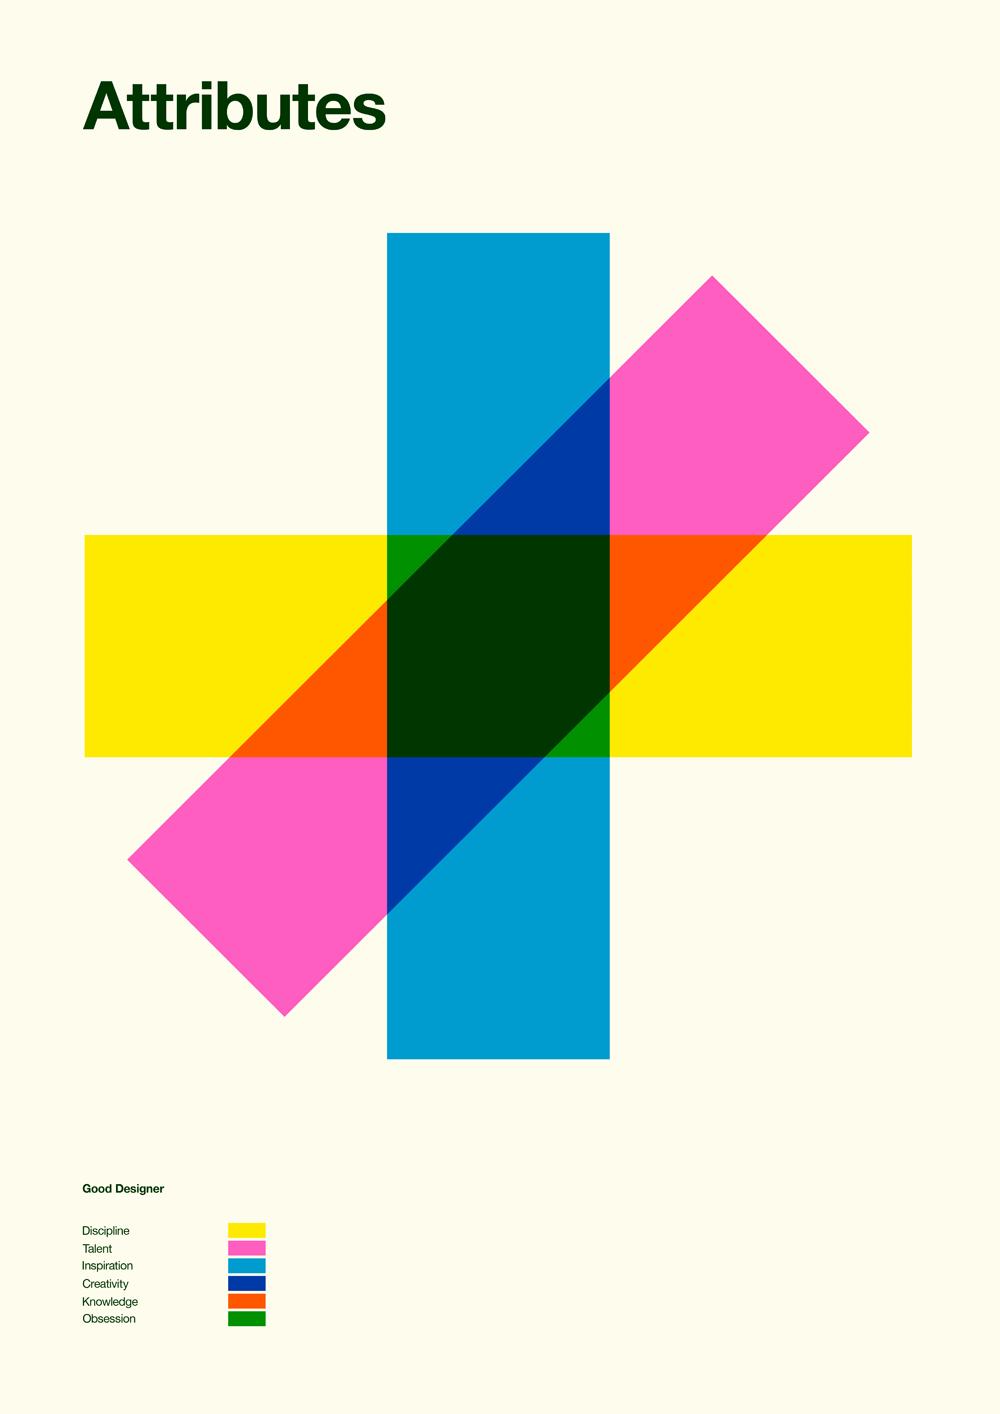 Alternative Venn Diagrams Attributes Good Designer Diagram Design Graphic Design Inspiration Design